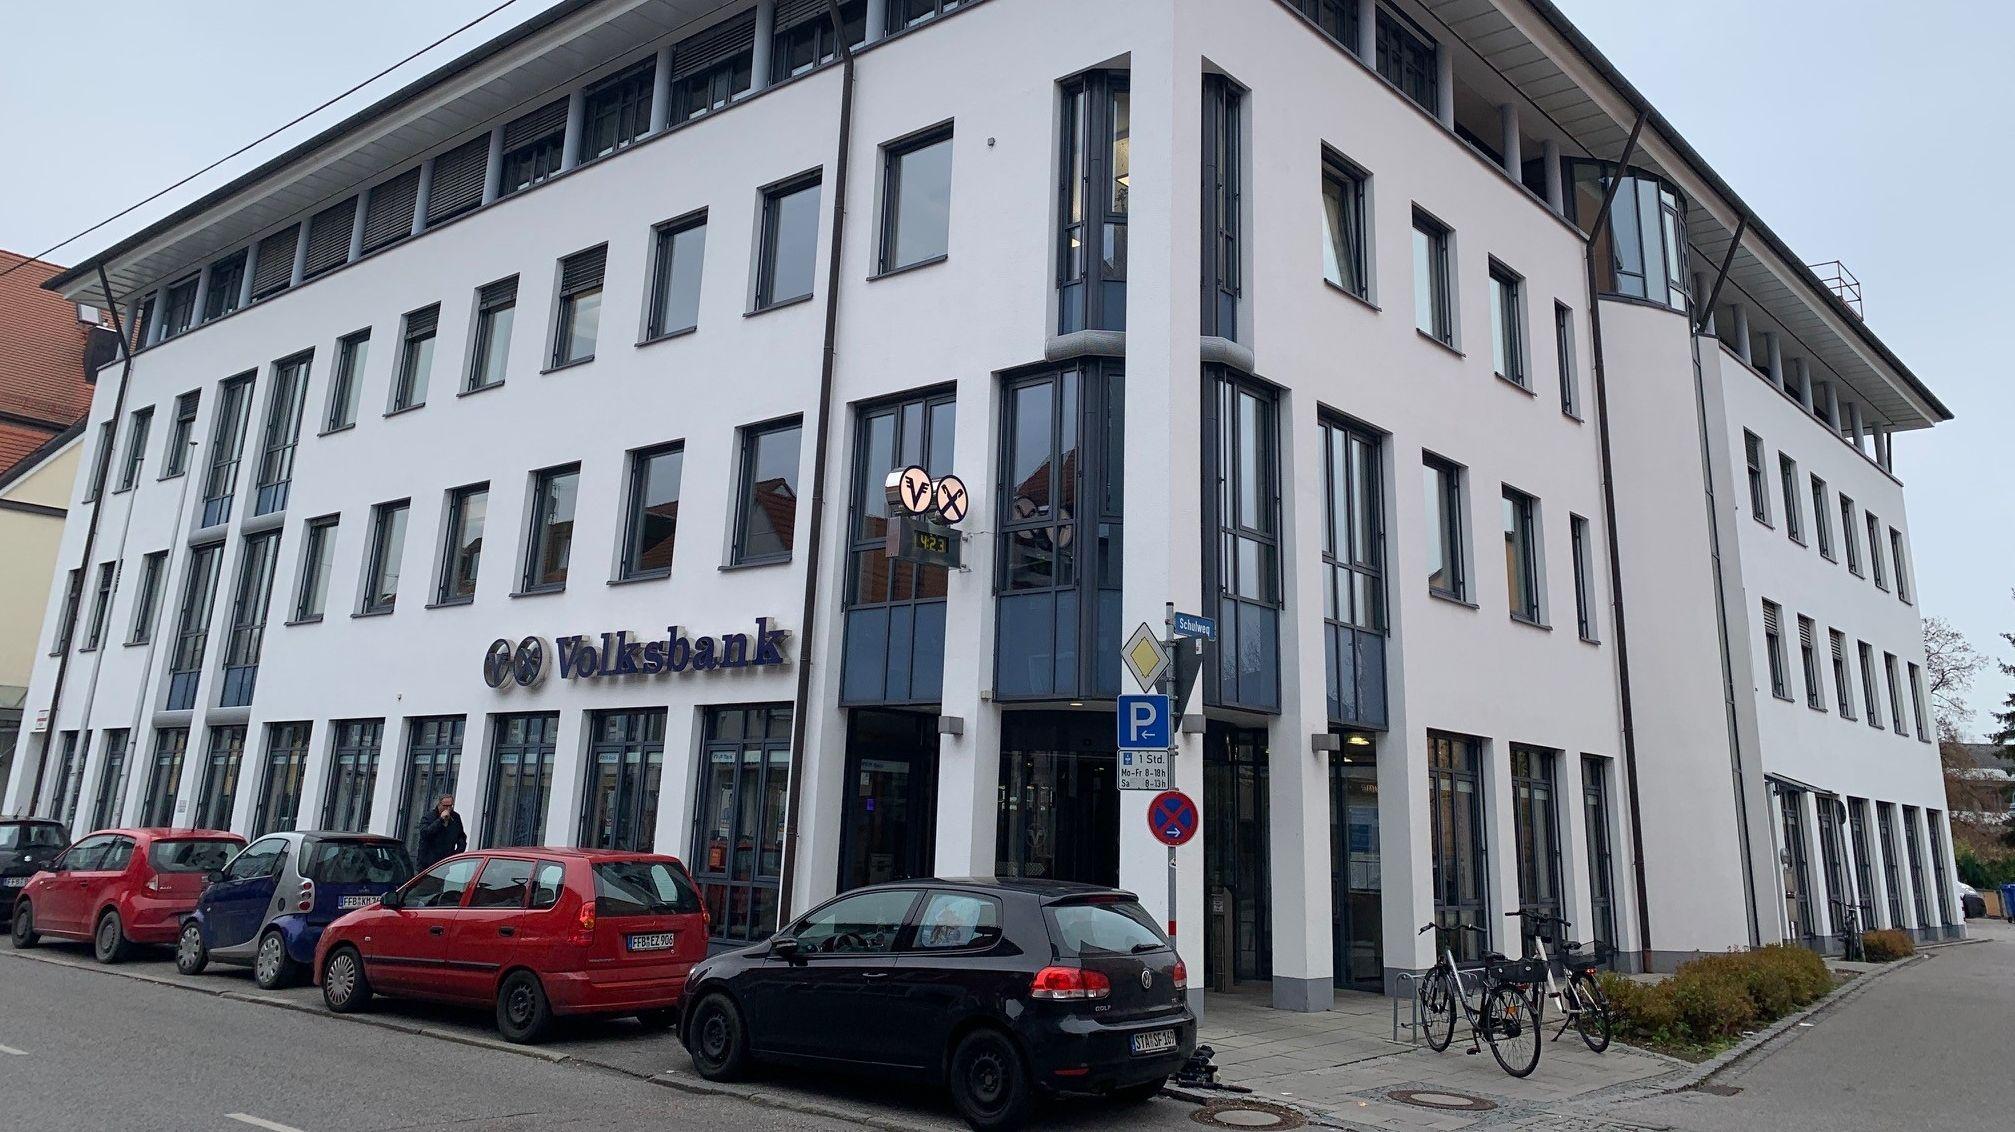 Die VR-Bank Fürstenfeldbruck